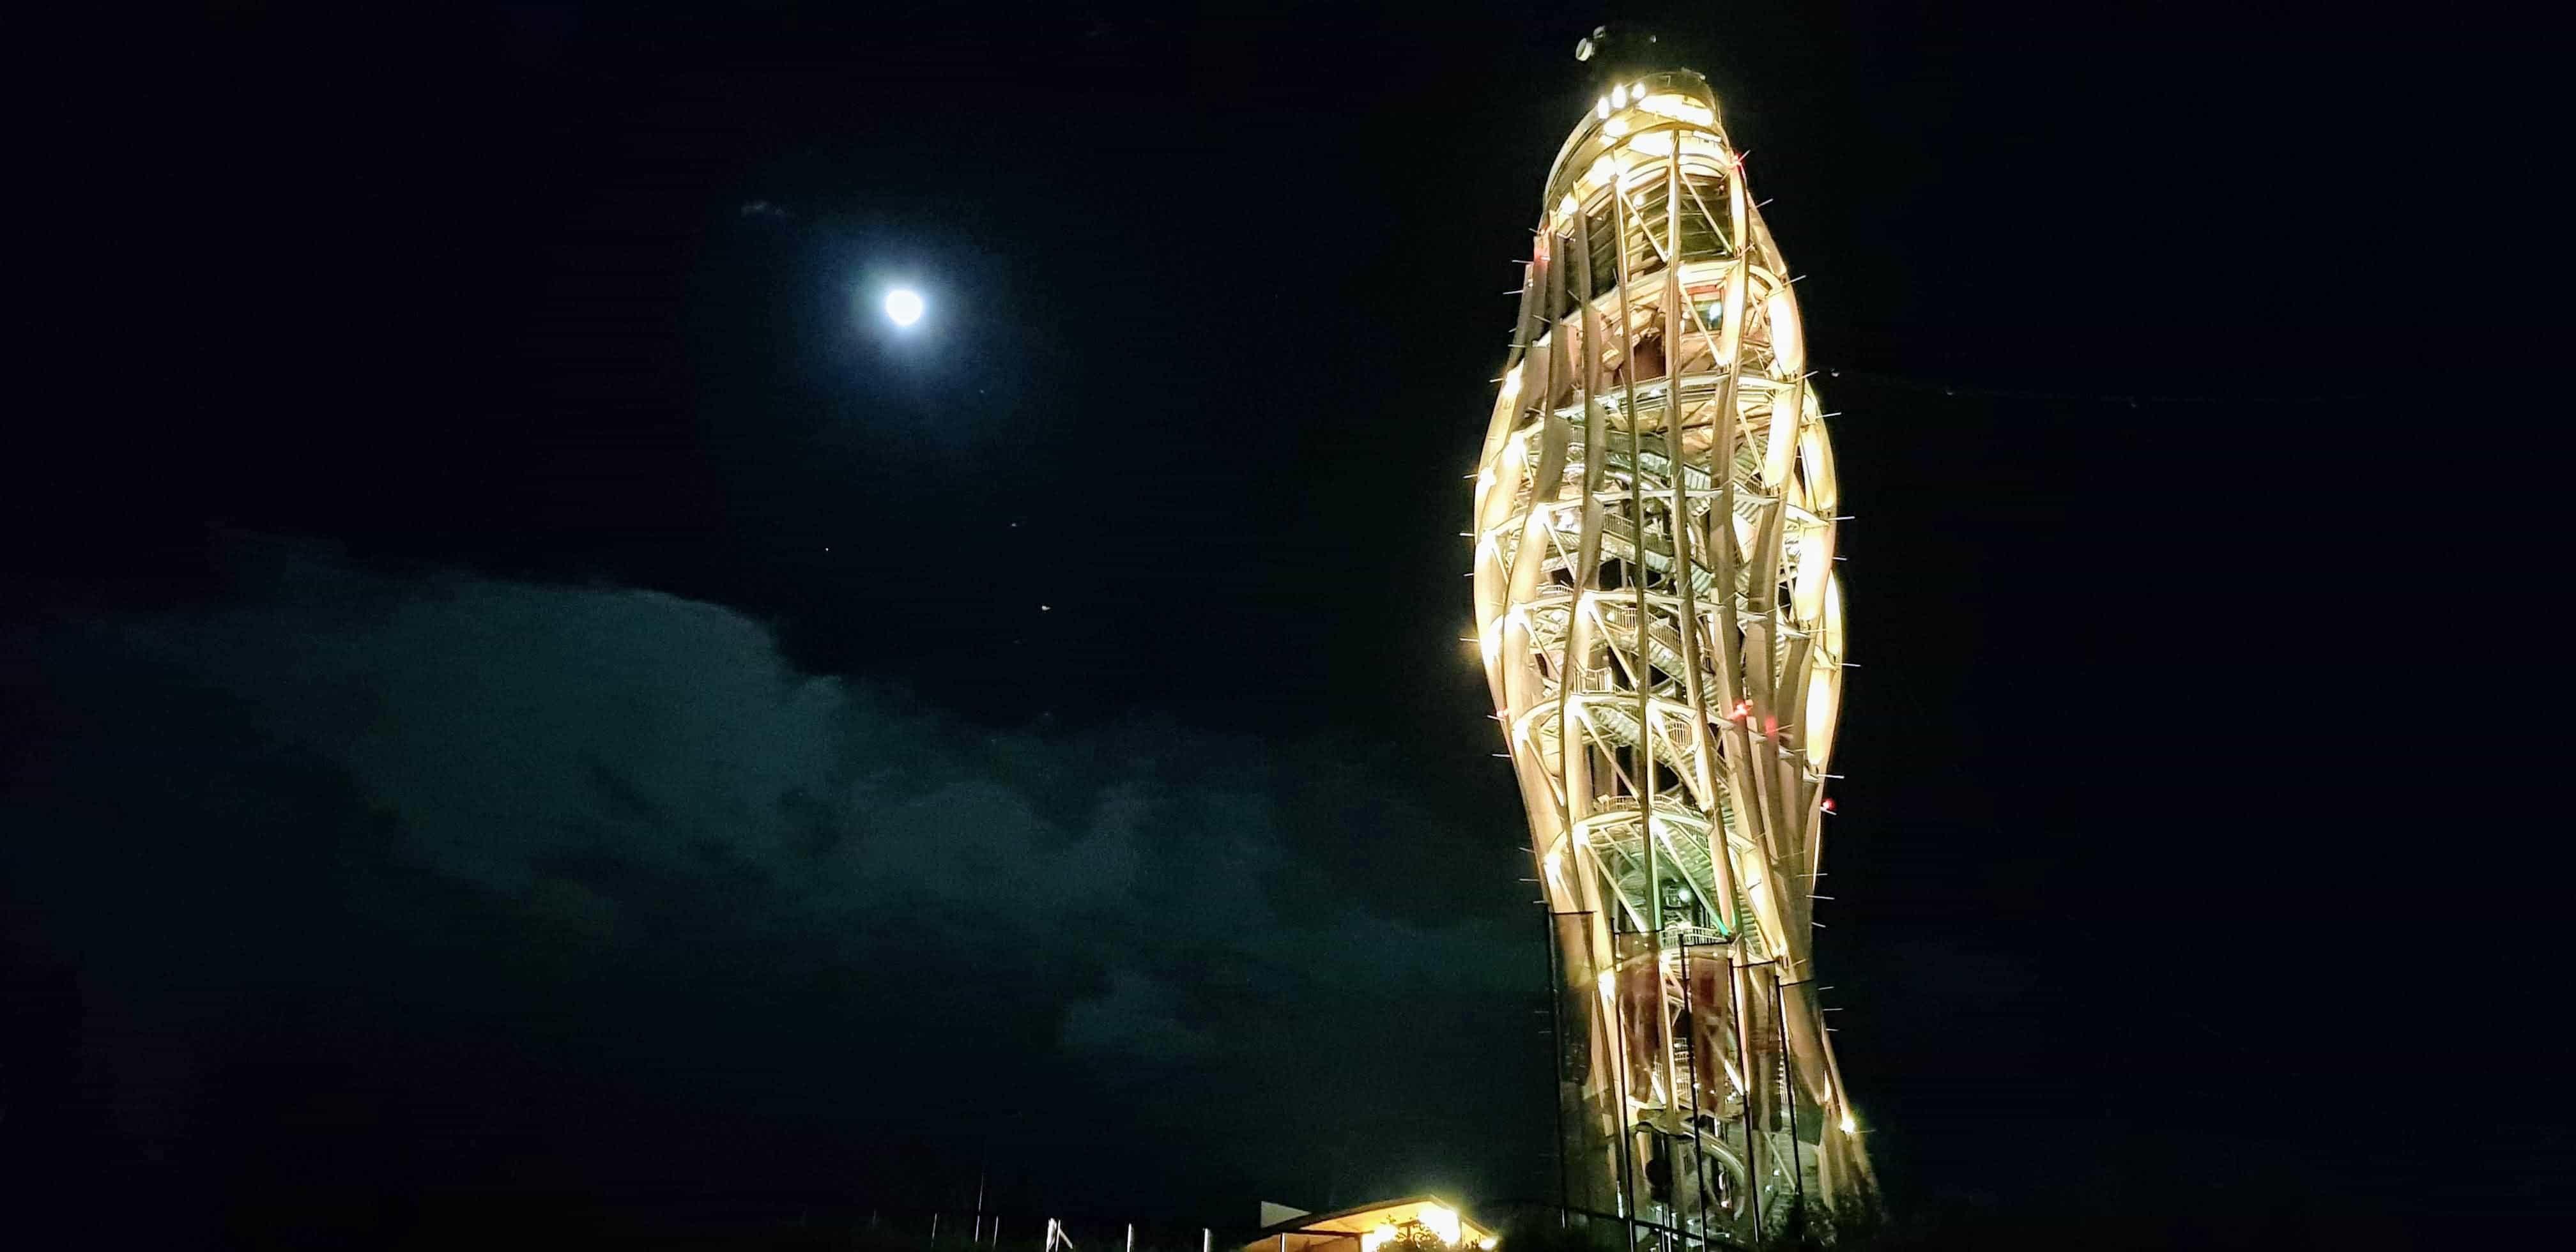 Nacht-Ausflug auf den Pyramidenkogel in Kärnten - das beleuchtete Ausflugsziel am Wörthersee mit Mond